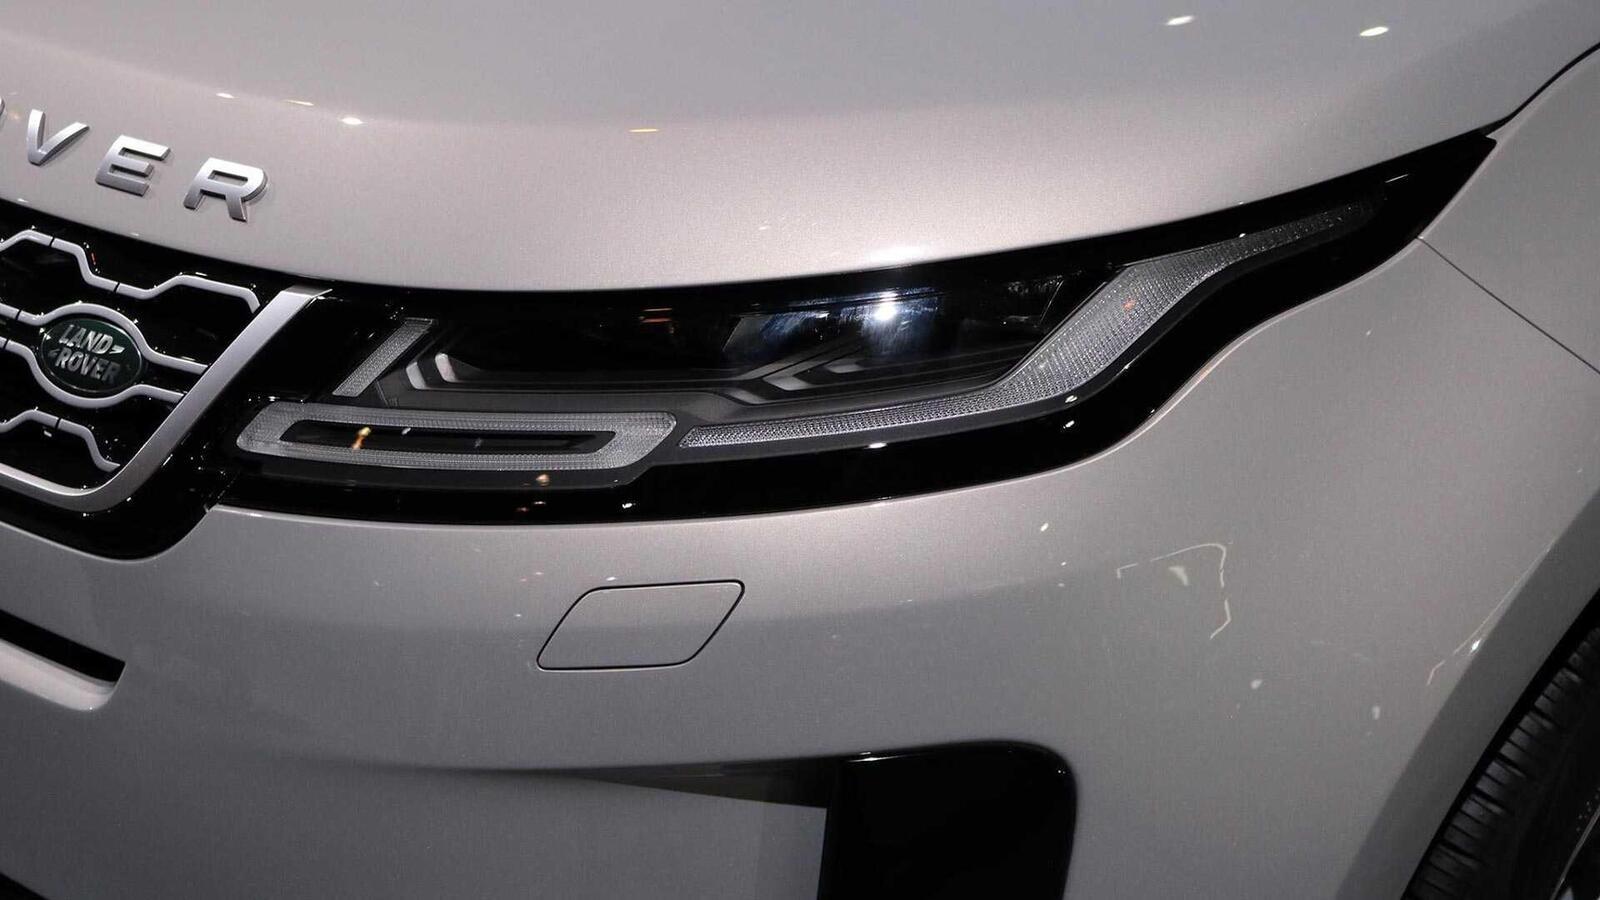 Range Rover Evoque mới tại Mỹ có giá từ 43.645 USD, đắt hơn Audi Q5 và Mercedes GLC - Hình 5